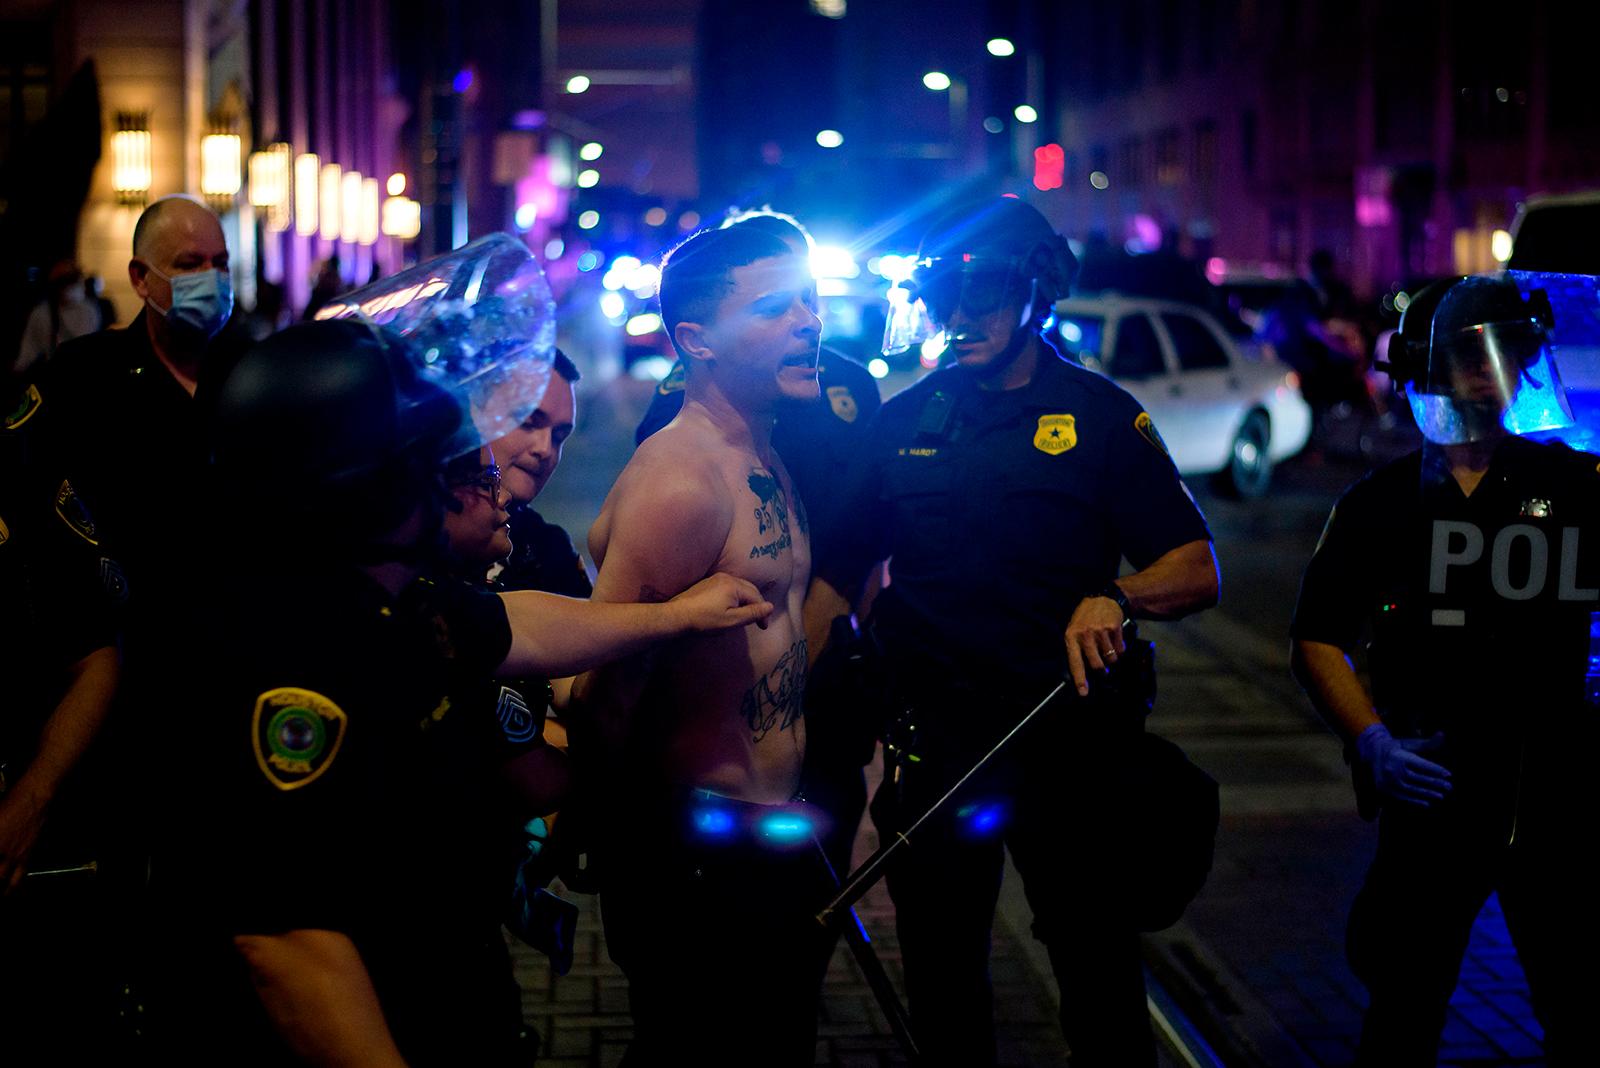 【cgminer】_美国至少20个城市爆发骚乱 休斯顿警方逮捕近200人